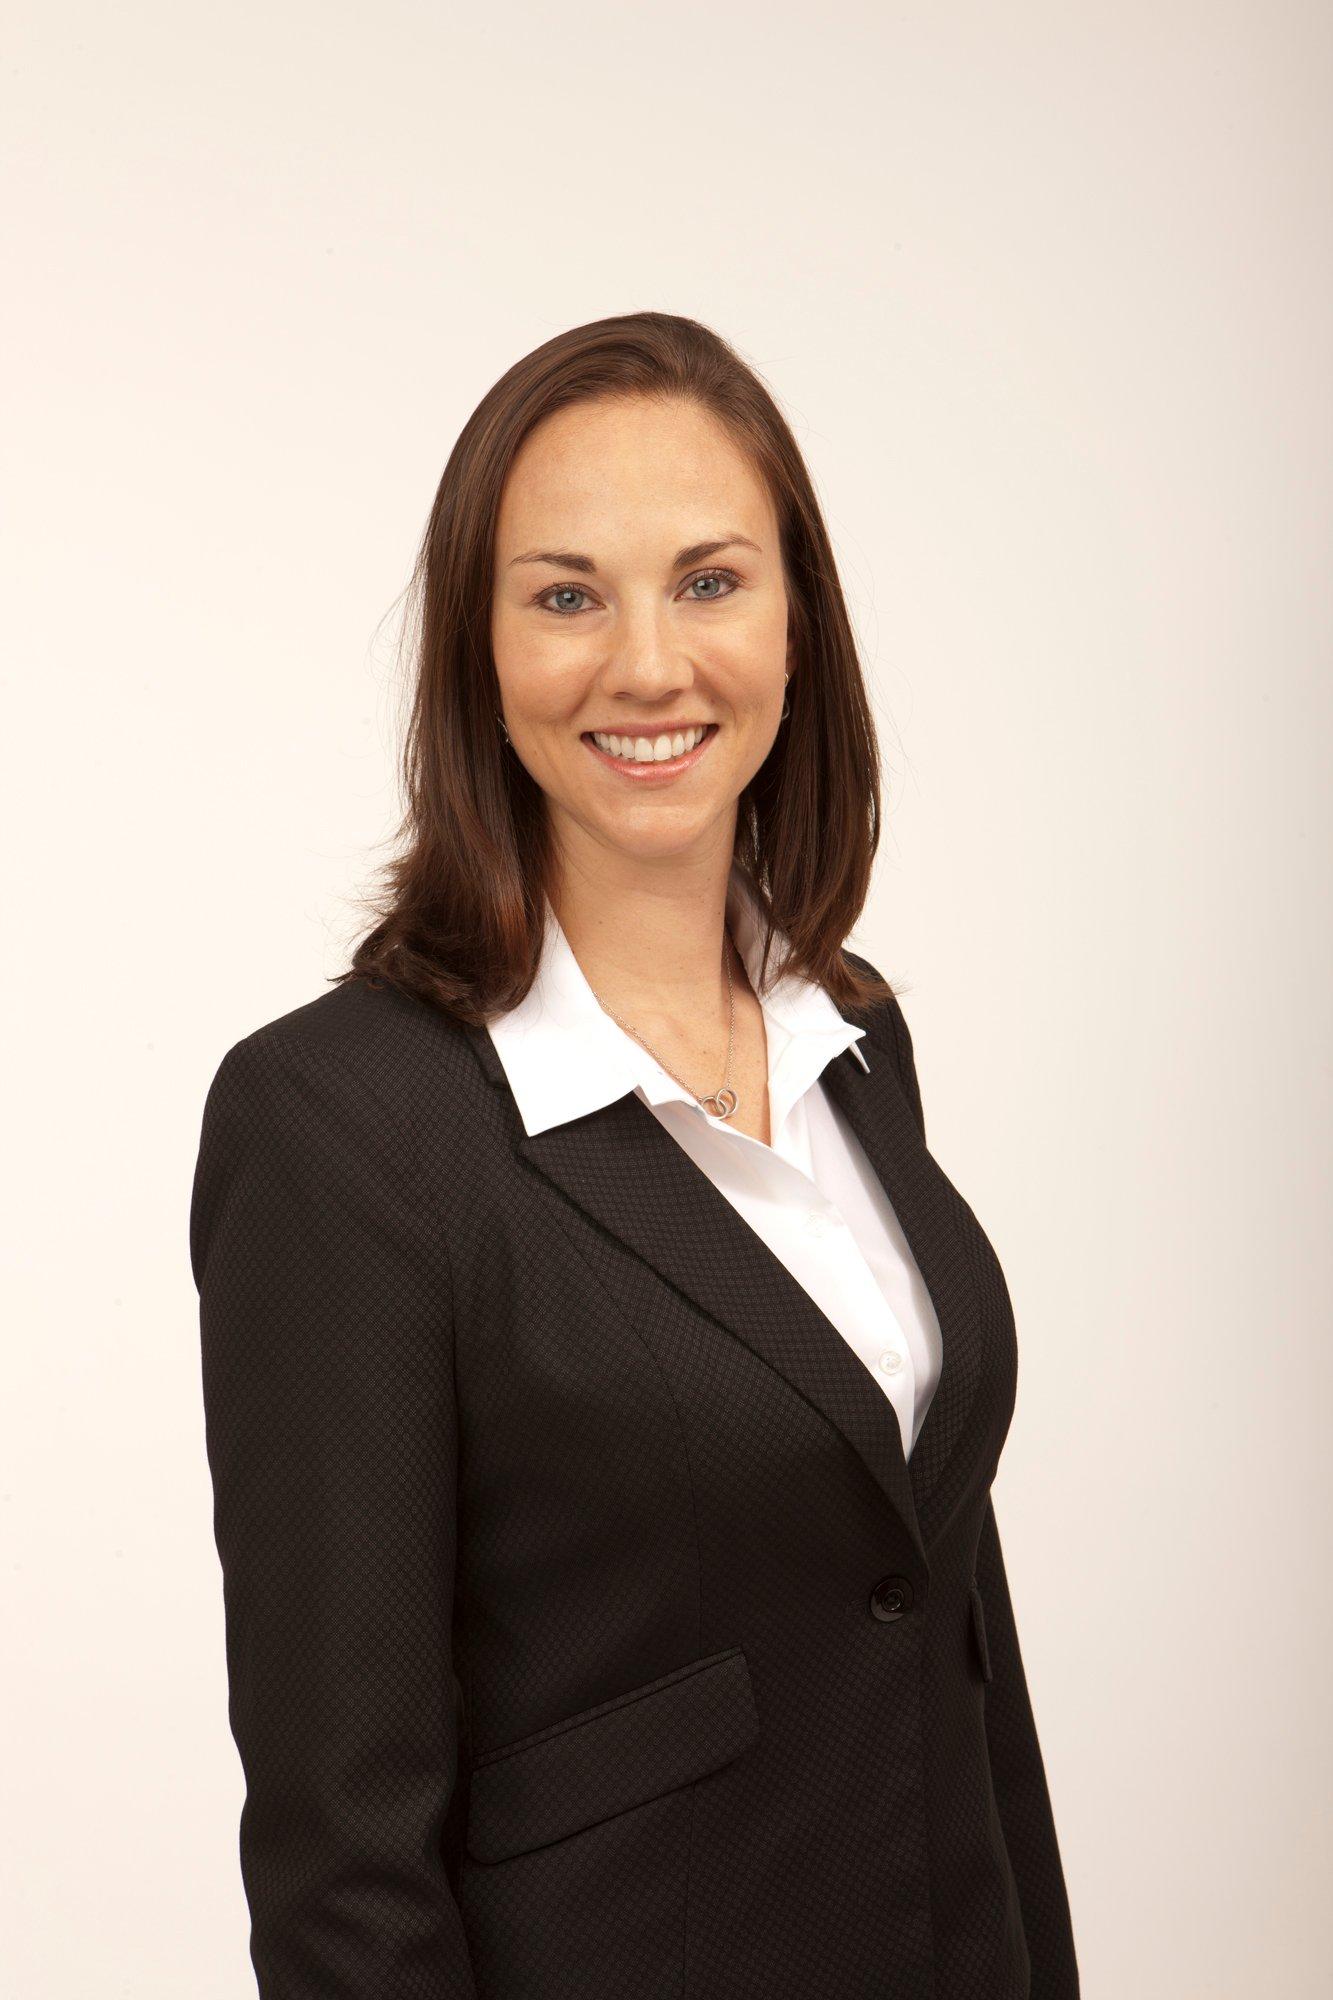 Dr. Elizabeth Mobley